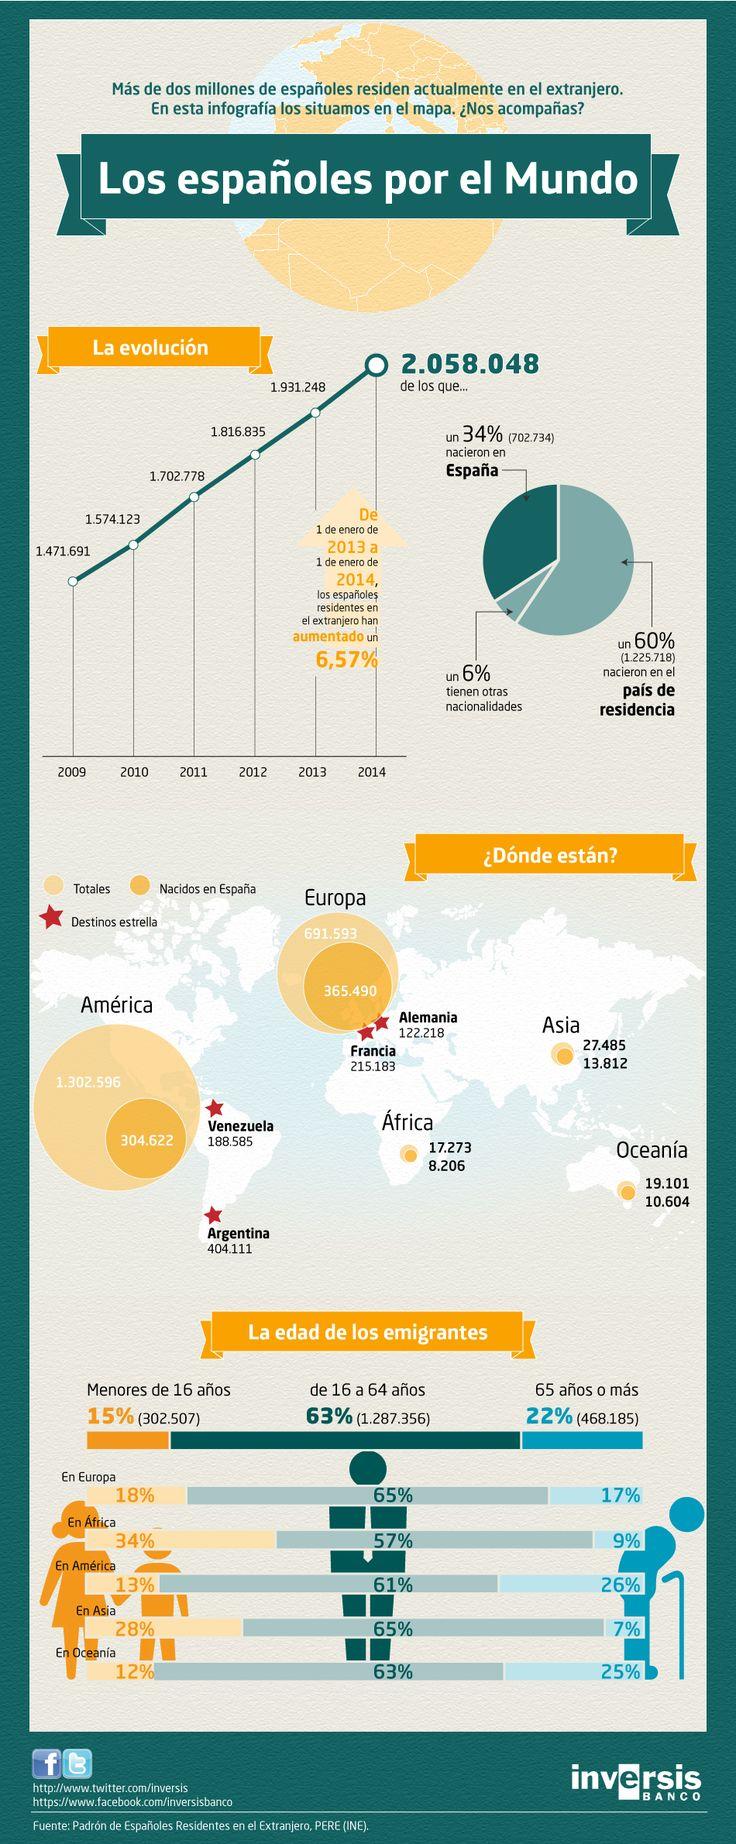 Espa oles por el mundo infografia infographic